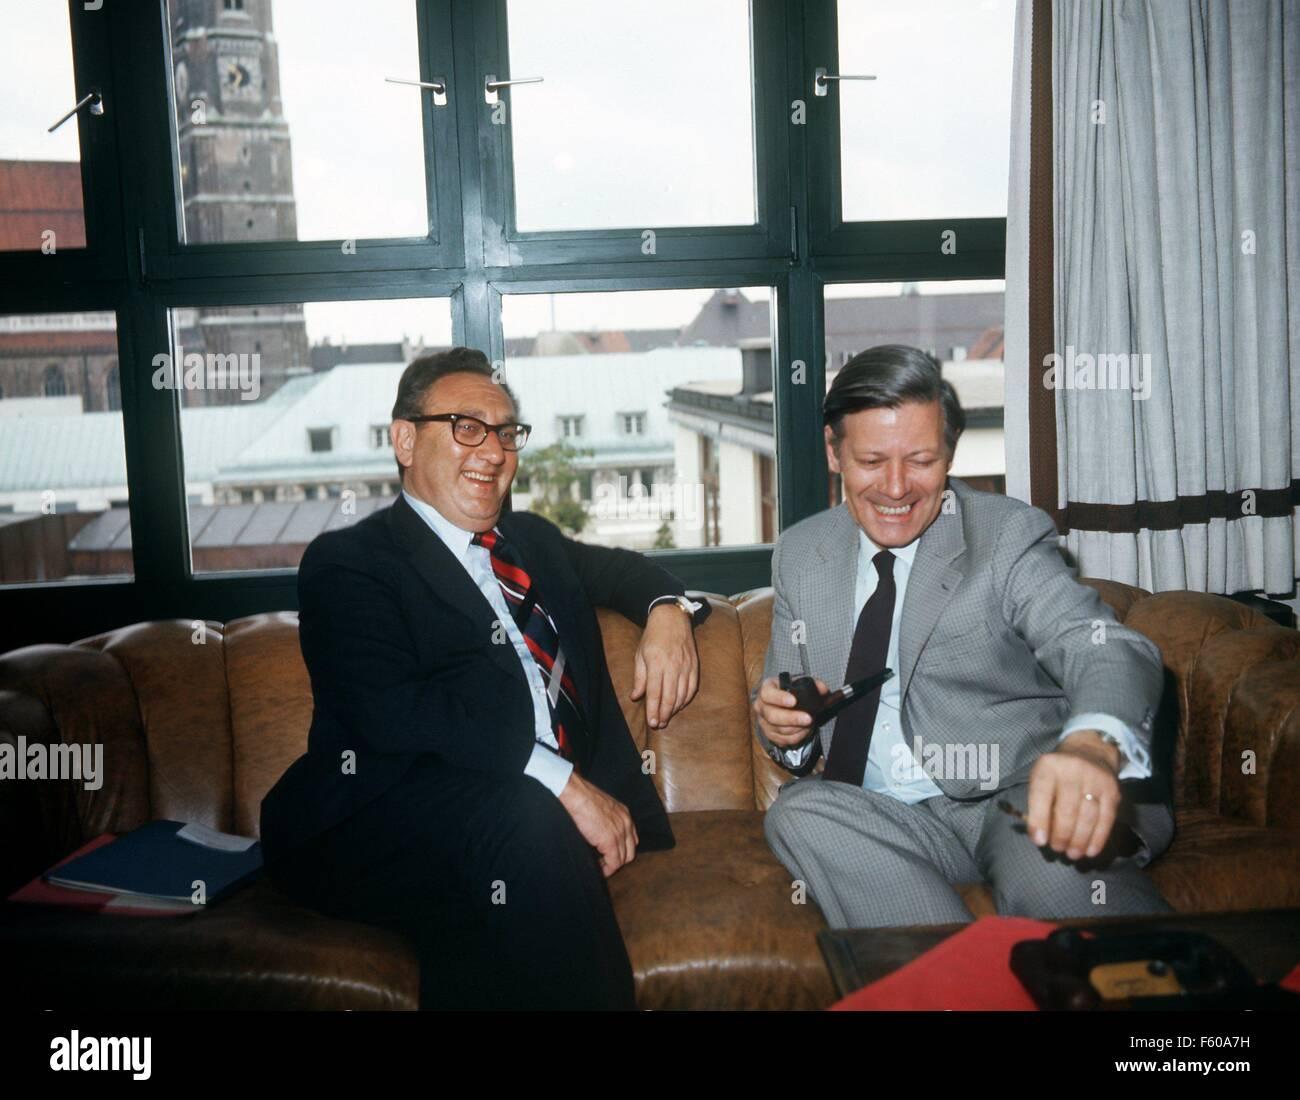 Henry Kissinger dans une conversation avec le chancelier Helmut Schmidt (SPD) R, à Munich en 1974. Banque D'Images